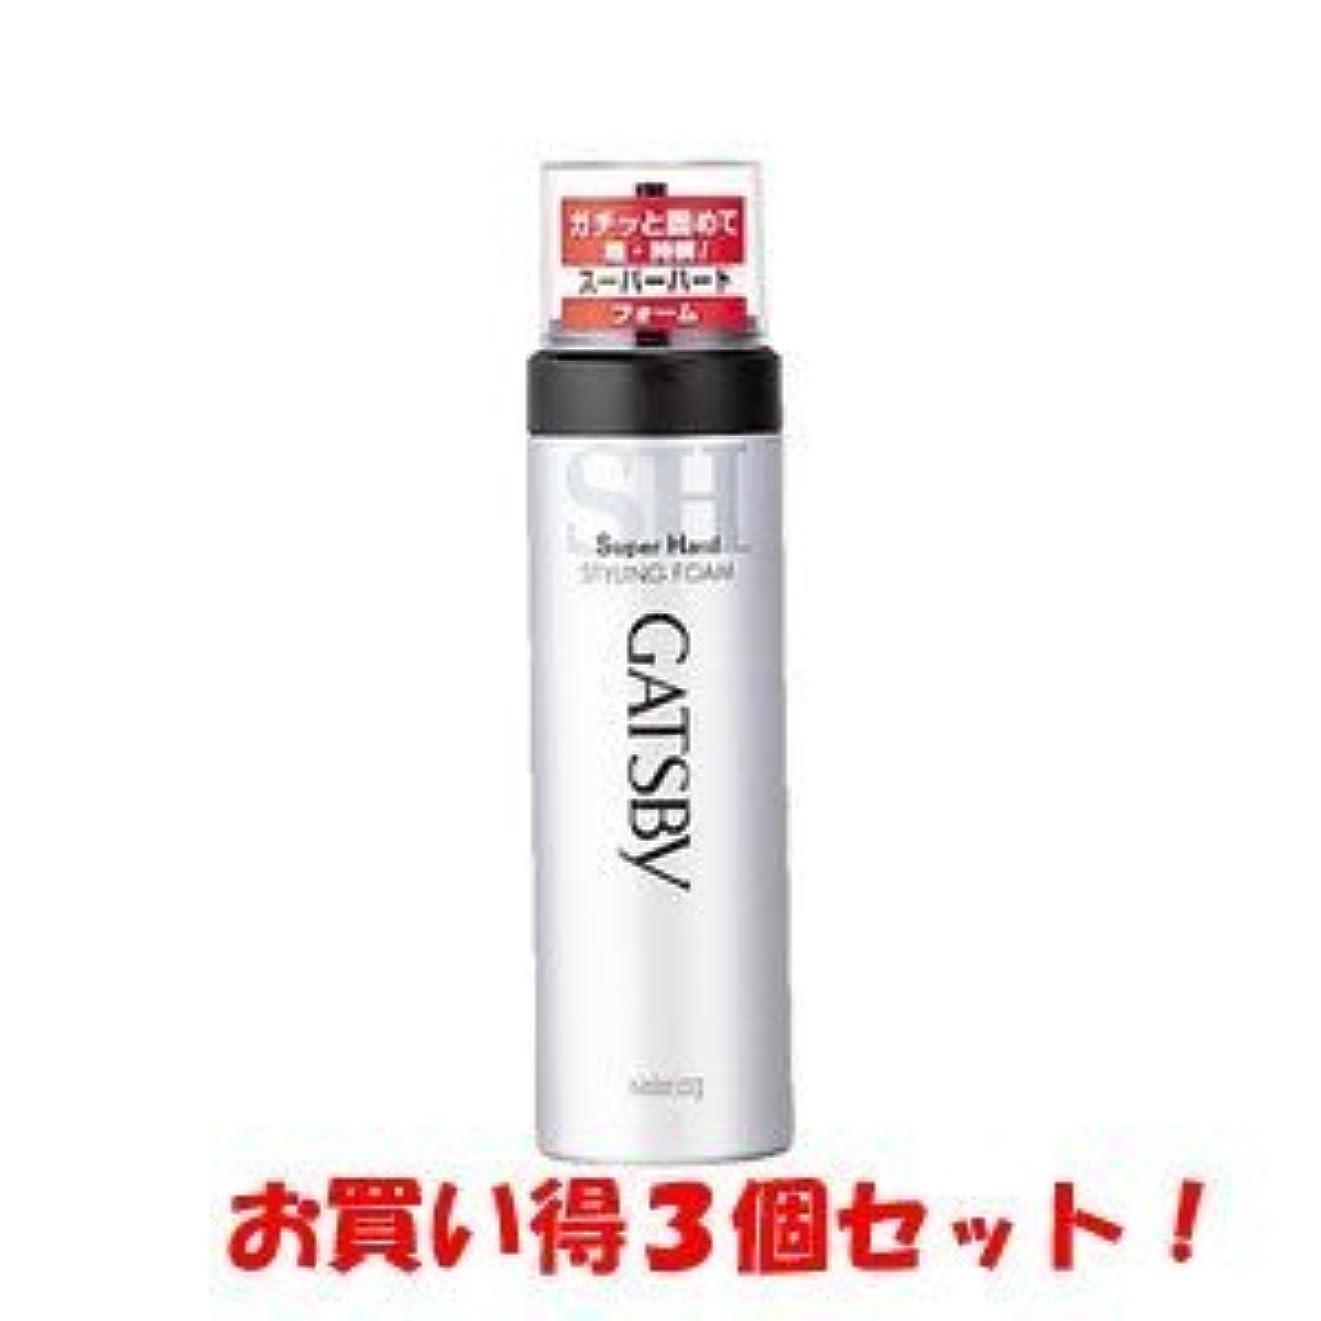 行商人トリクル絶縁するギャツビー【GATSBY】スタイリングフォーム スーパーハード 185g(お買い得3個セット)